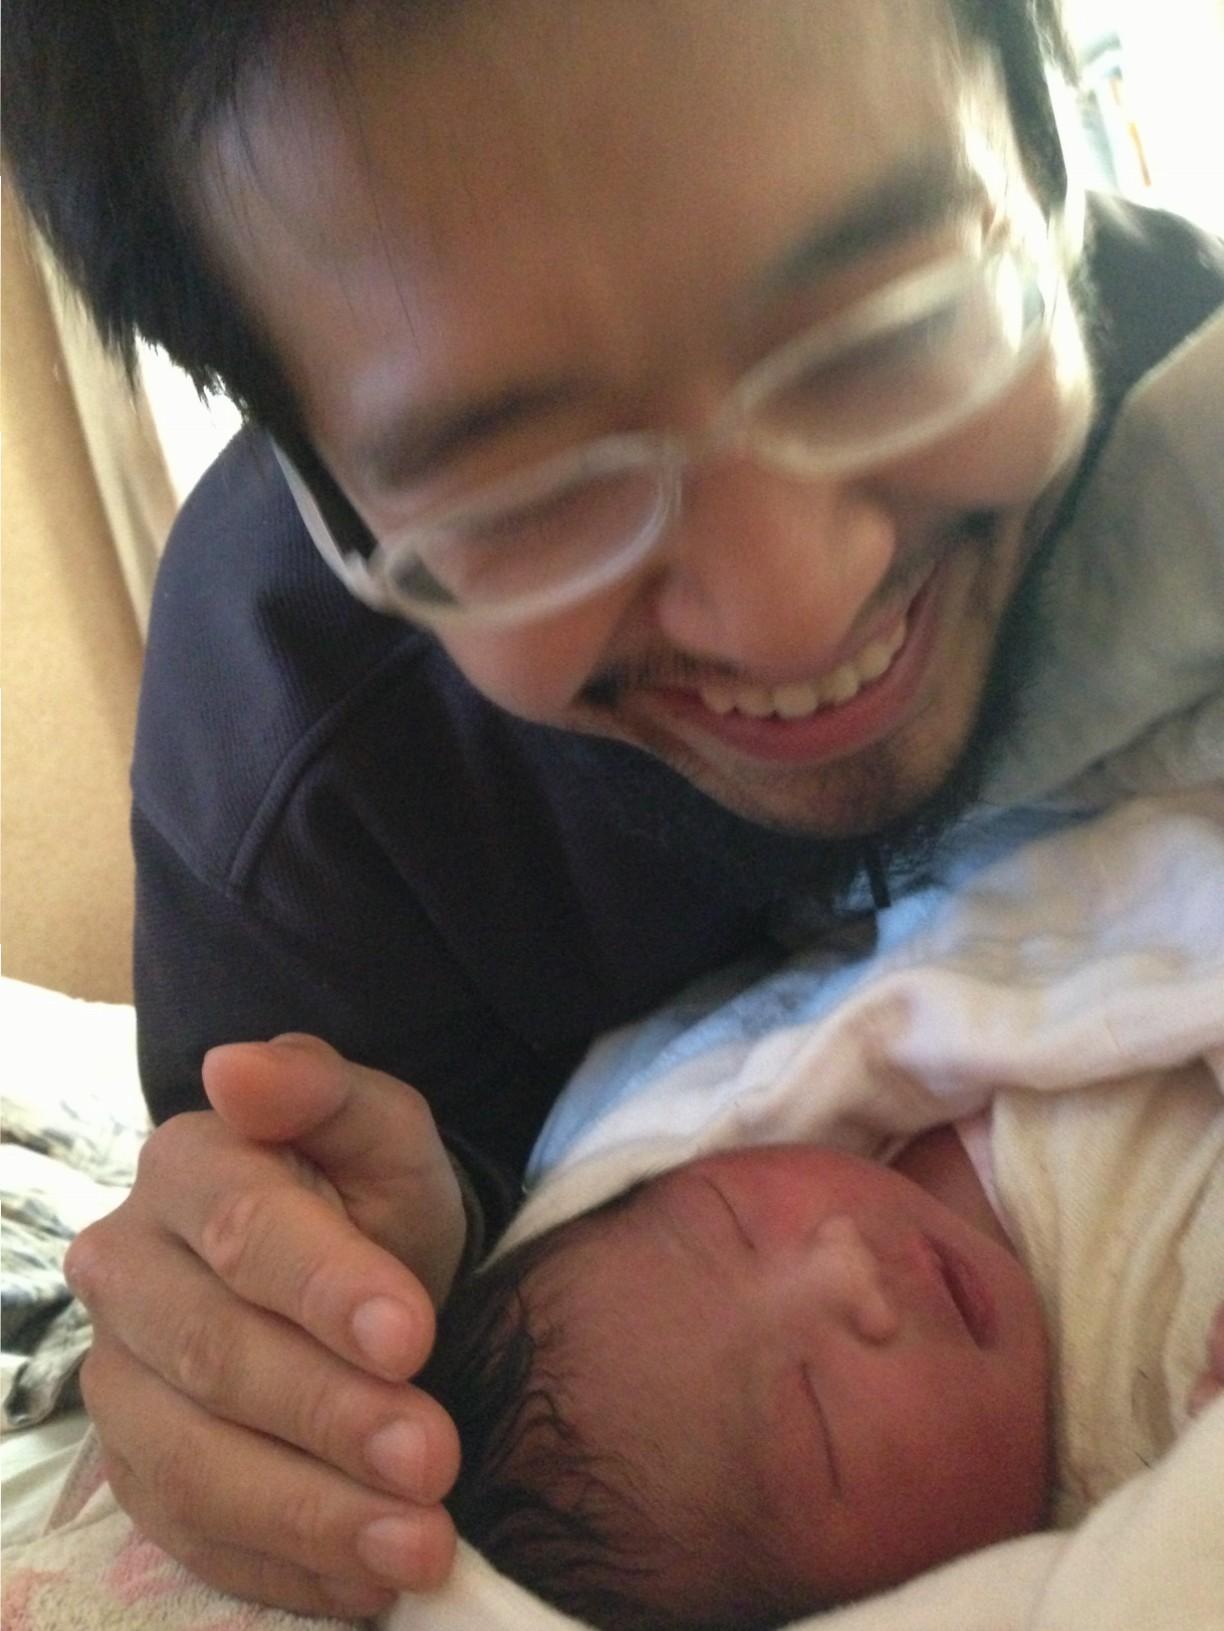 幸せになりたい・幸せにしたい時に幸せになる・幸せな気持ちになる画像004:生まれたての自分の子供を見つめる父親